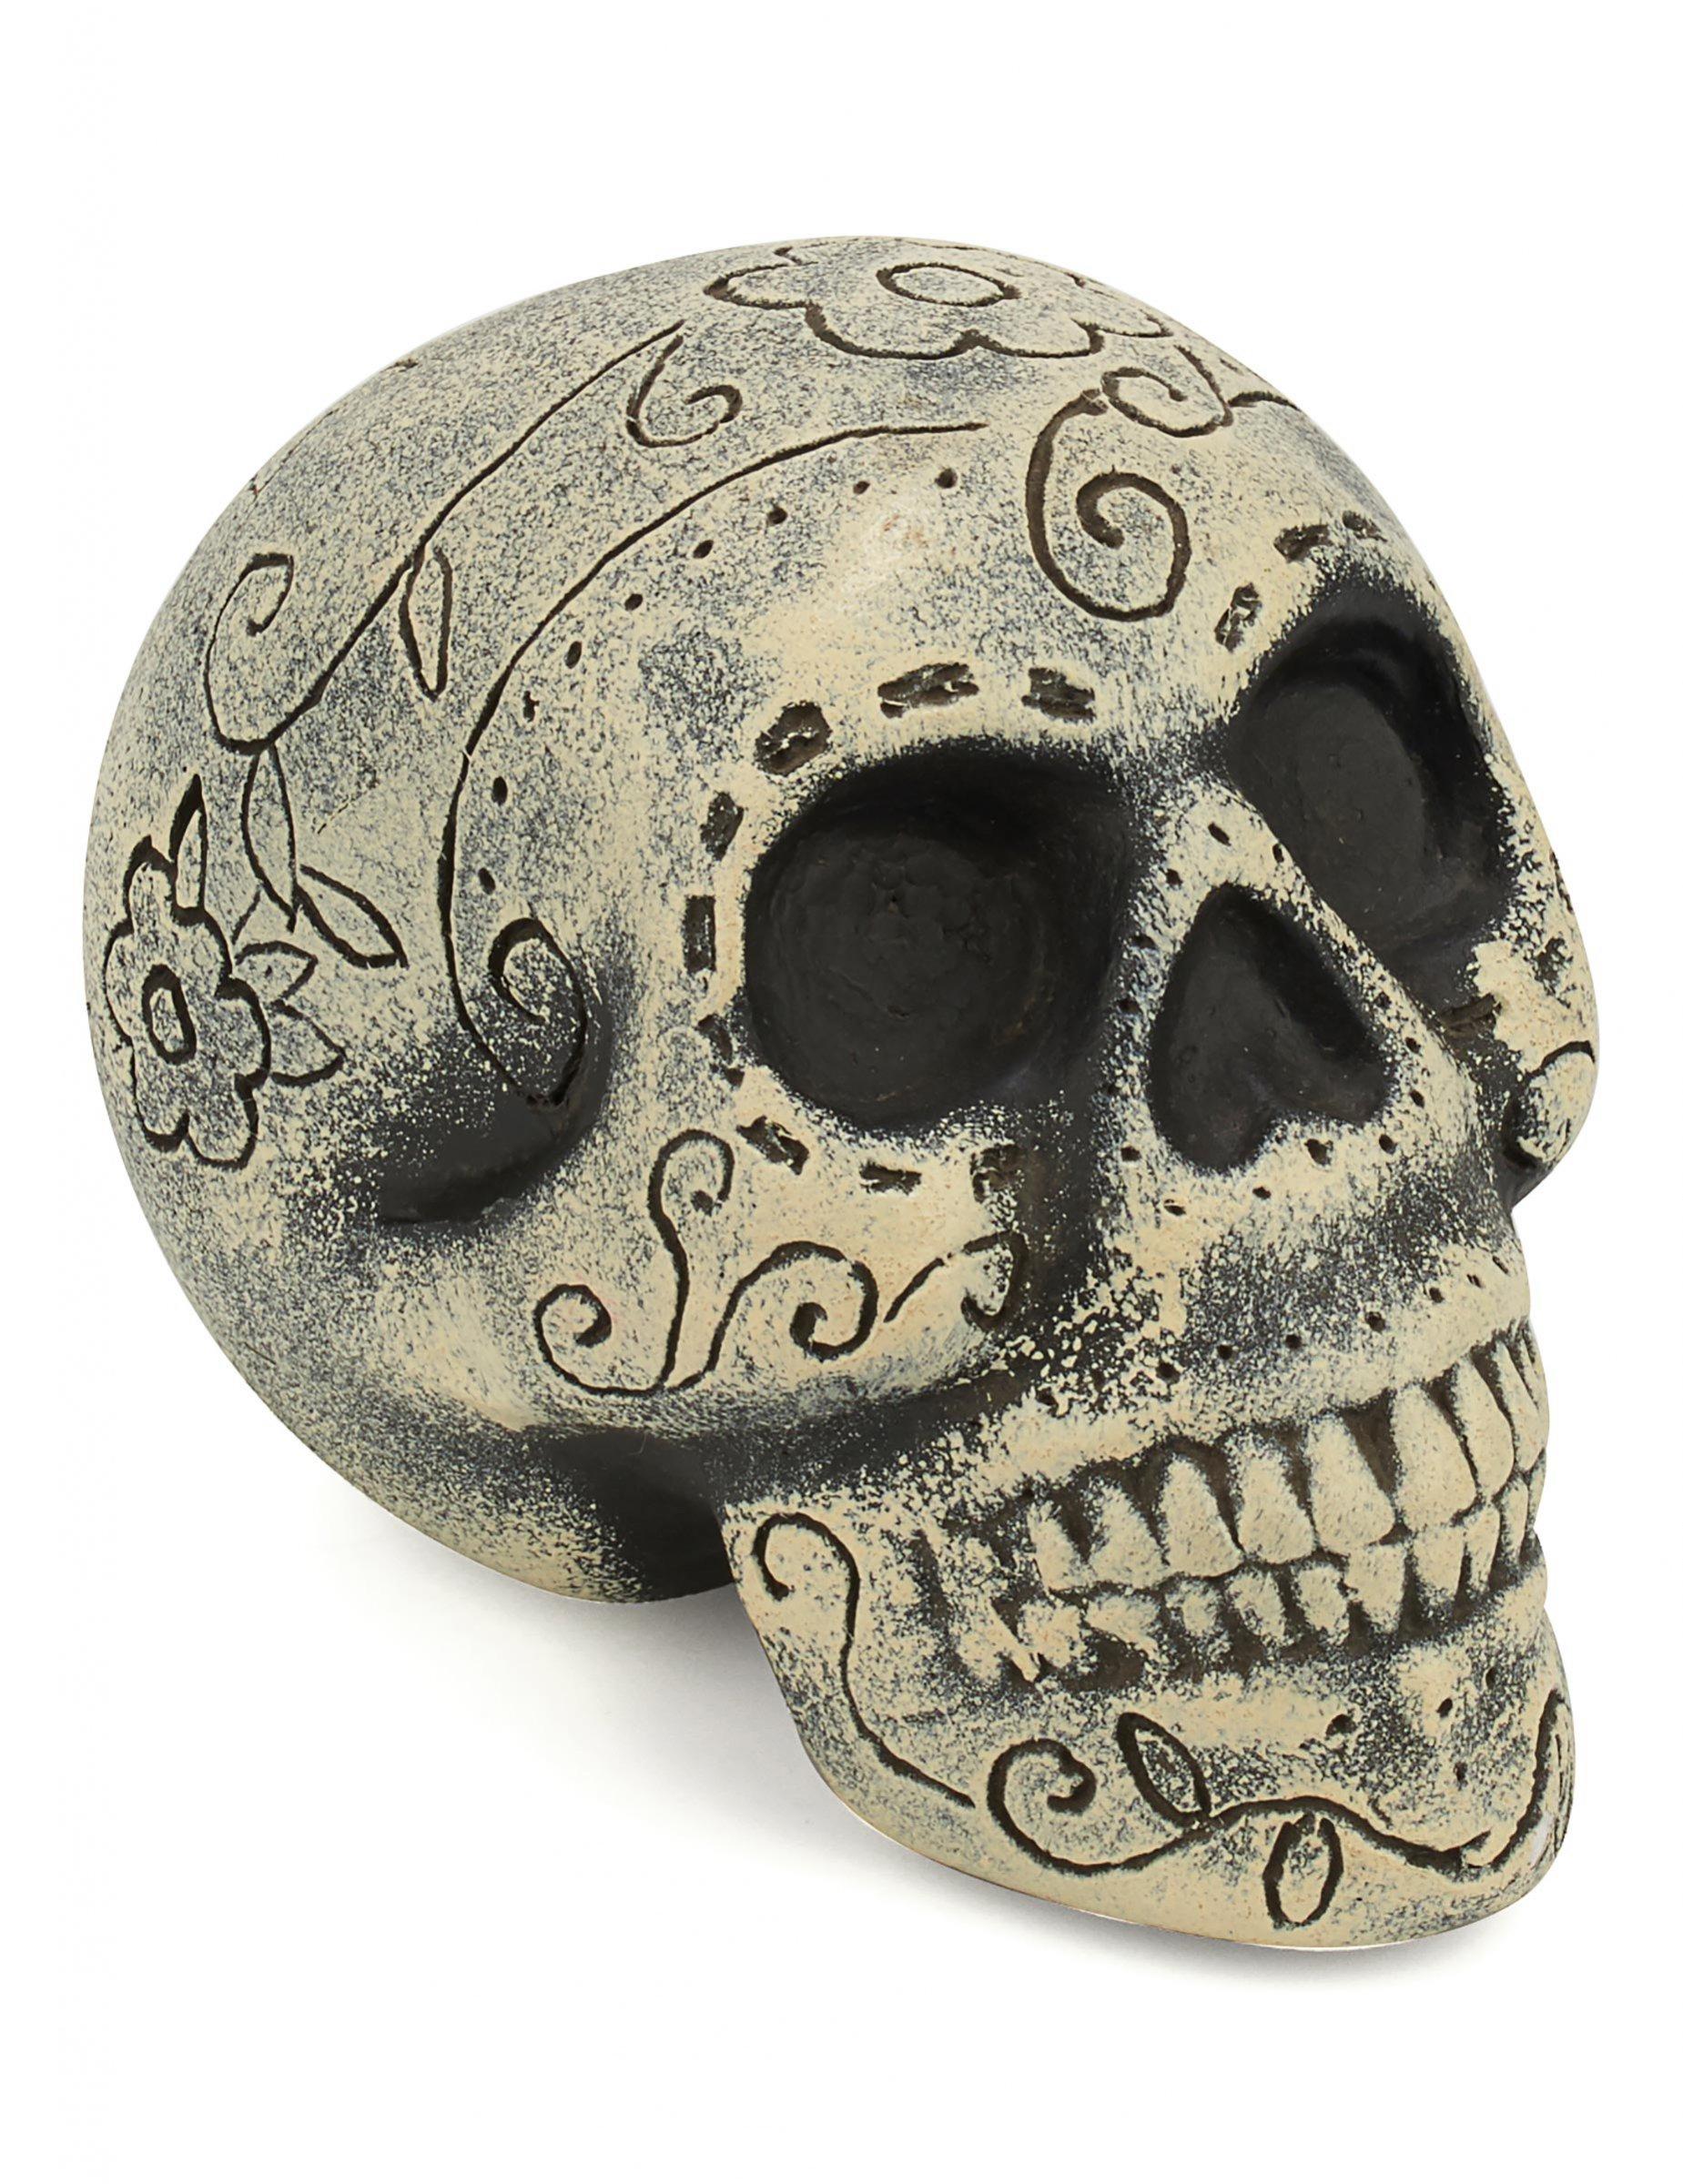 Dia de los muertos schedel decoratie decoratie en for Schedel decoratie